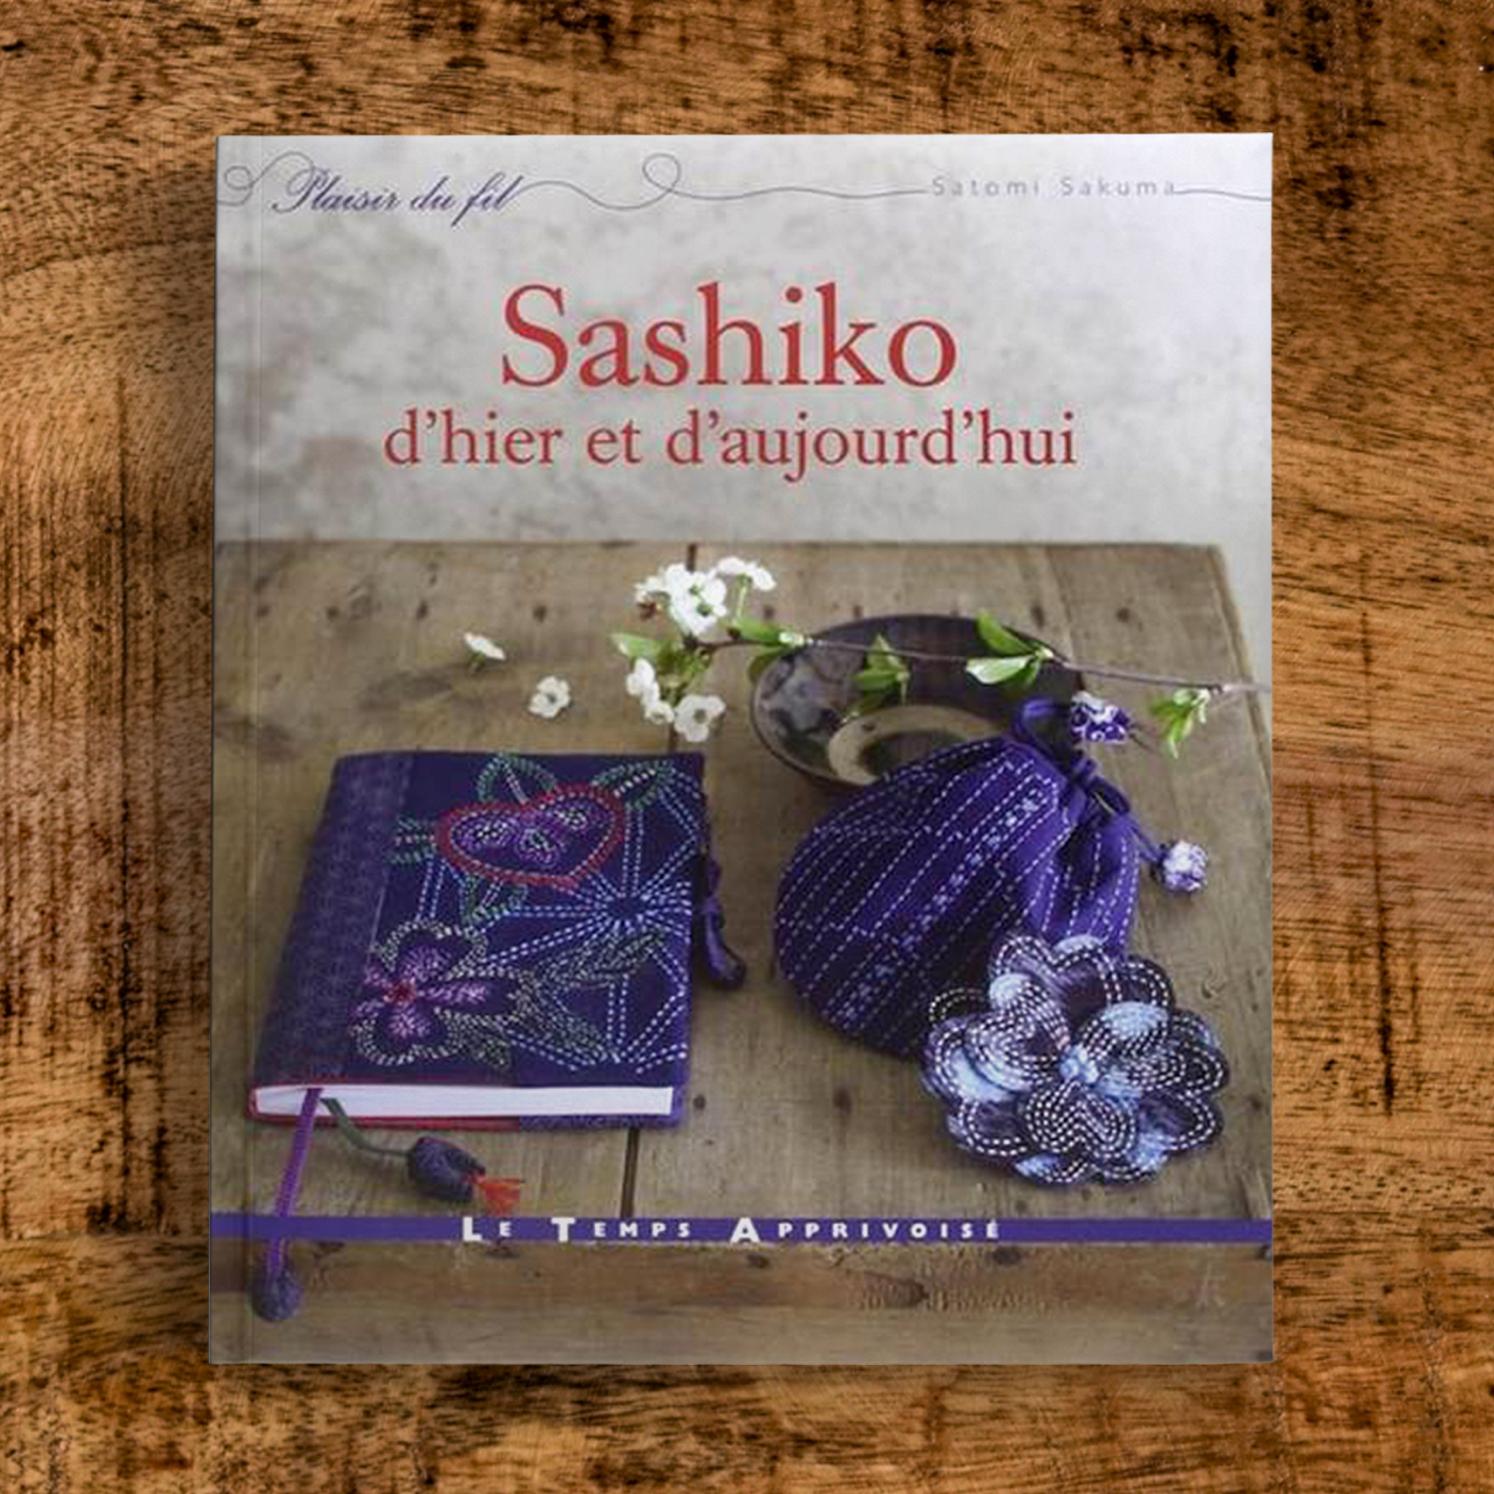 Sashiko Selection Pour La Technique De Broderie Japonaise